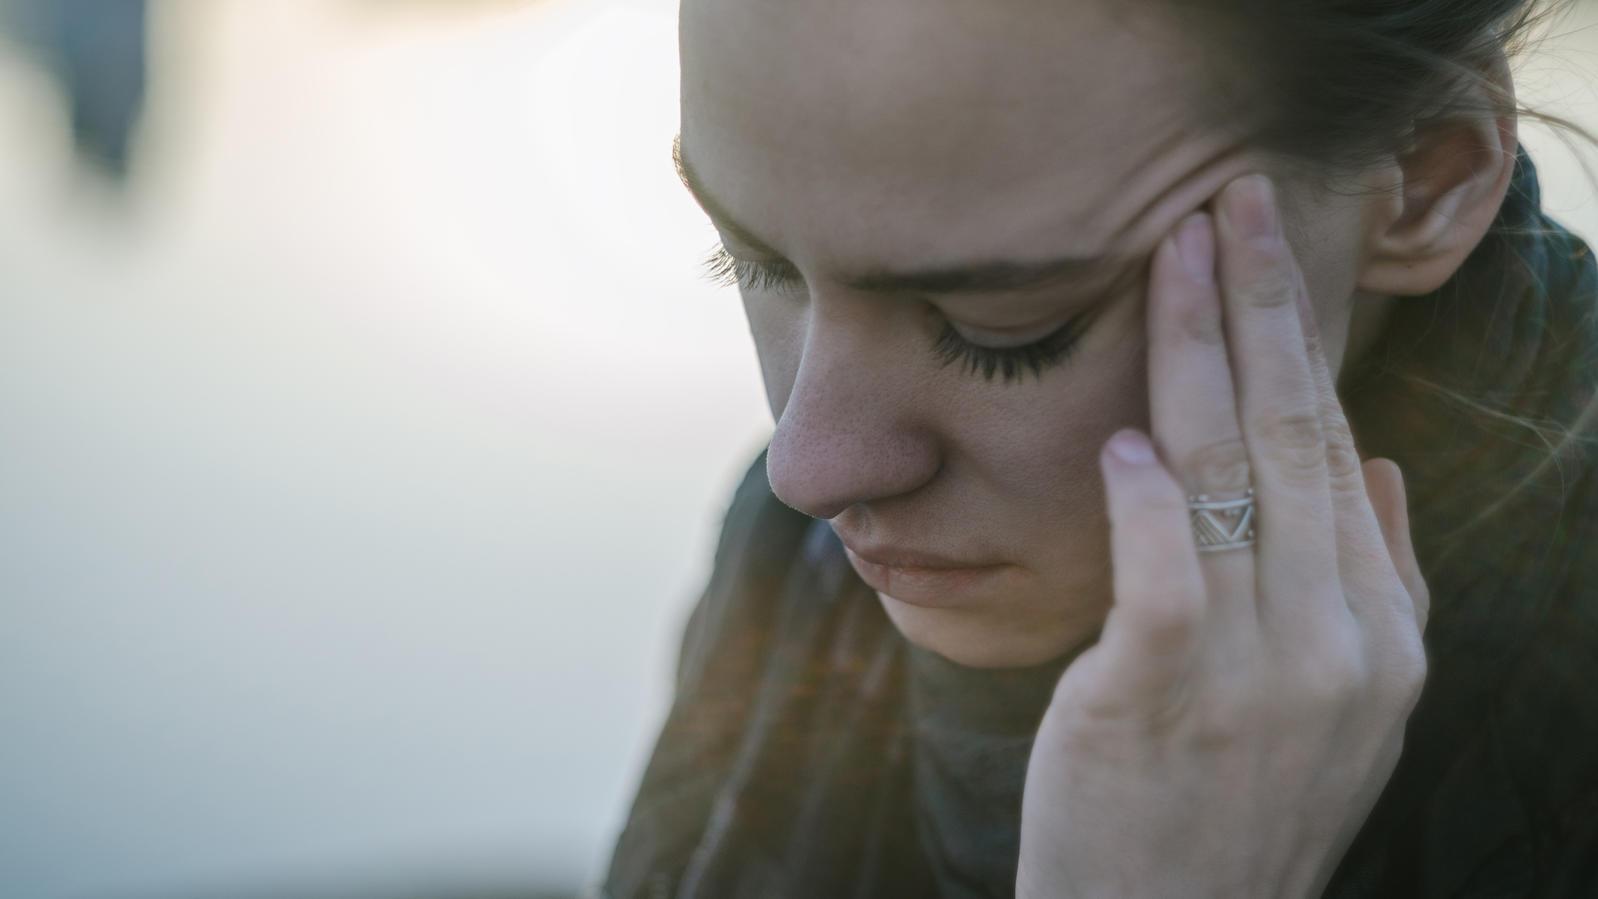 Hämmernde Kopfschmerzen ist nicht das Einzige, mit dem man bei Hangxiety zu kämpfen hat.